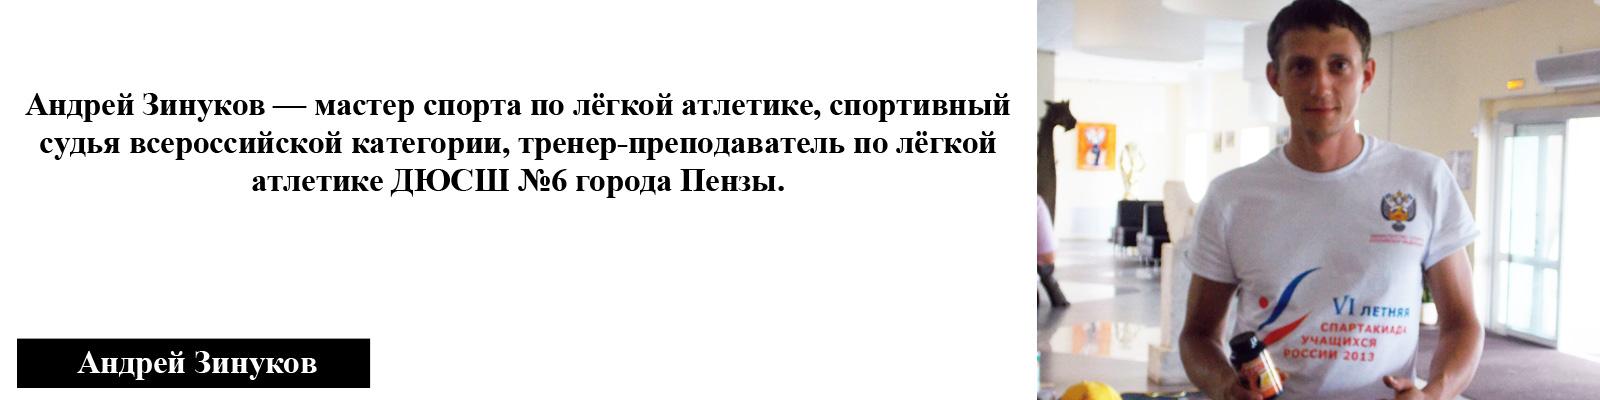 Мастер спорта по легкой атлетике Андрей Зинуков